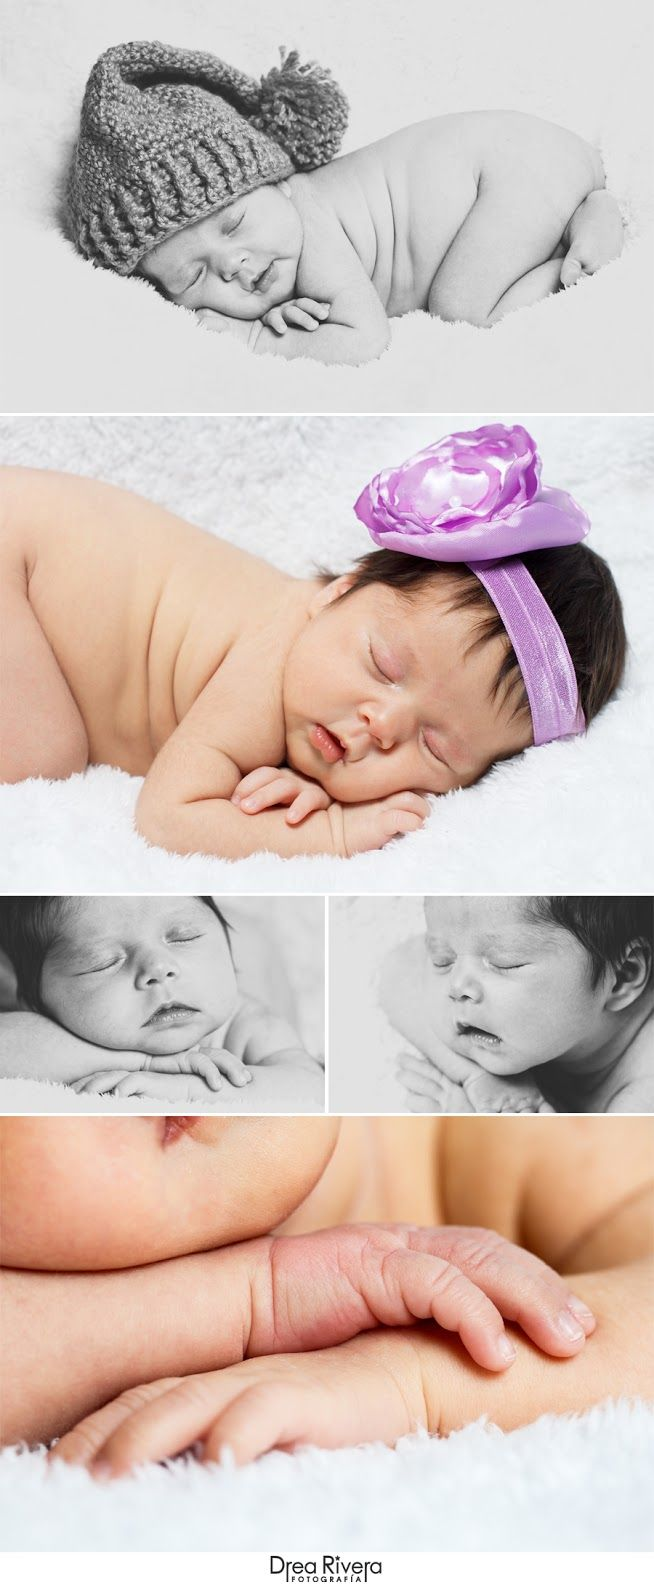 sesión de fotos de bebé recién nacido / baby newborn photoshoot by Drea Rivera